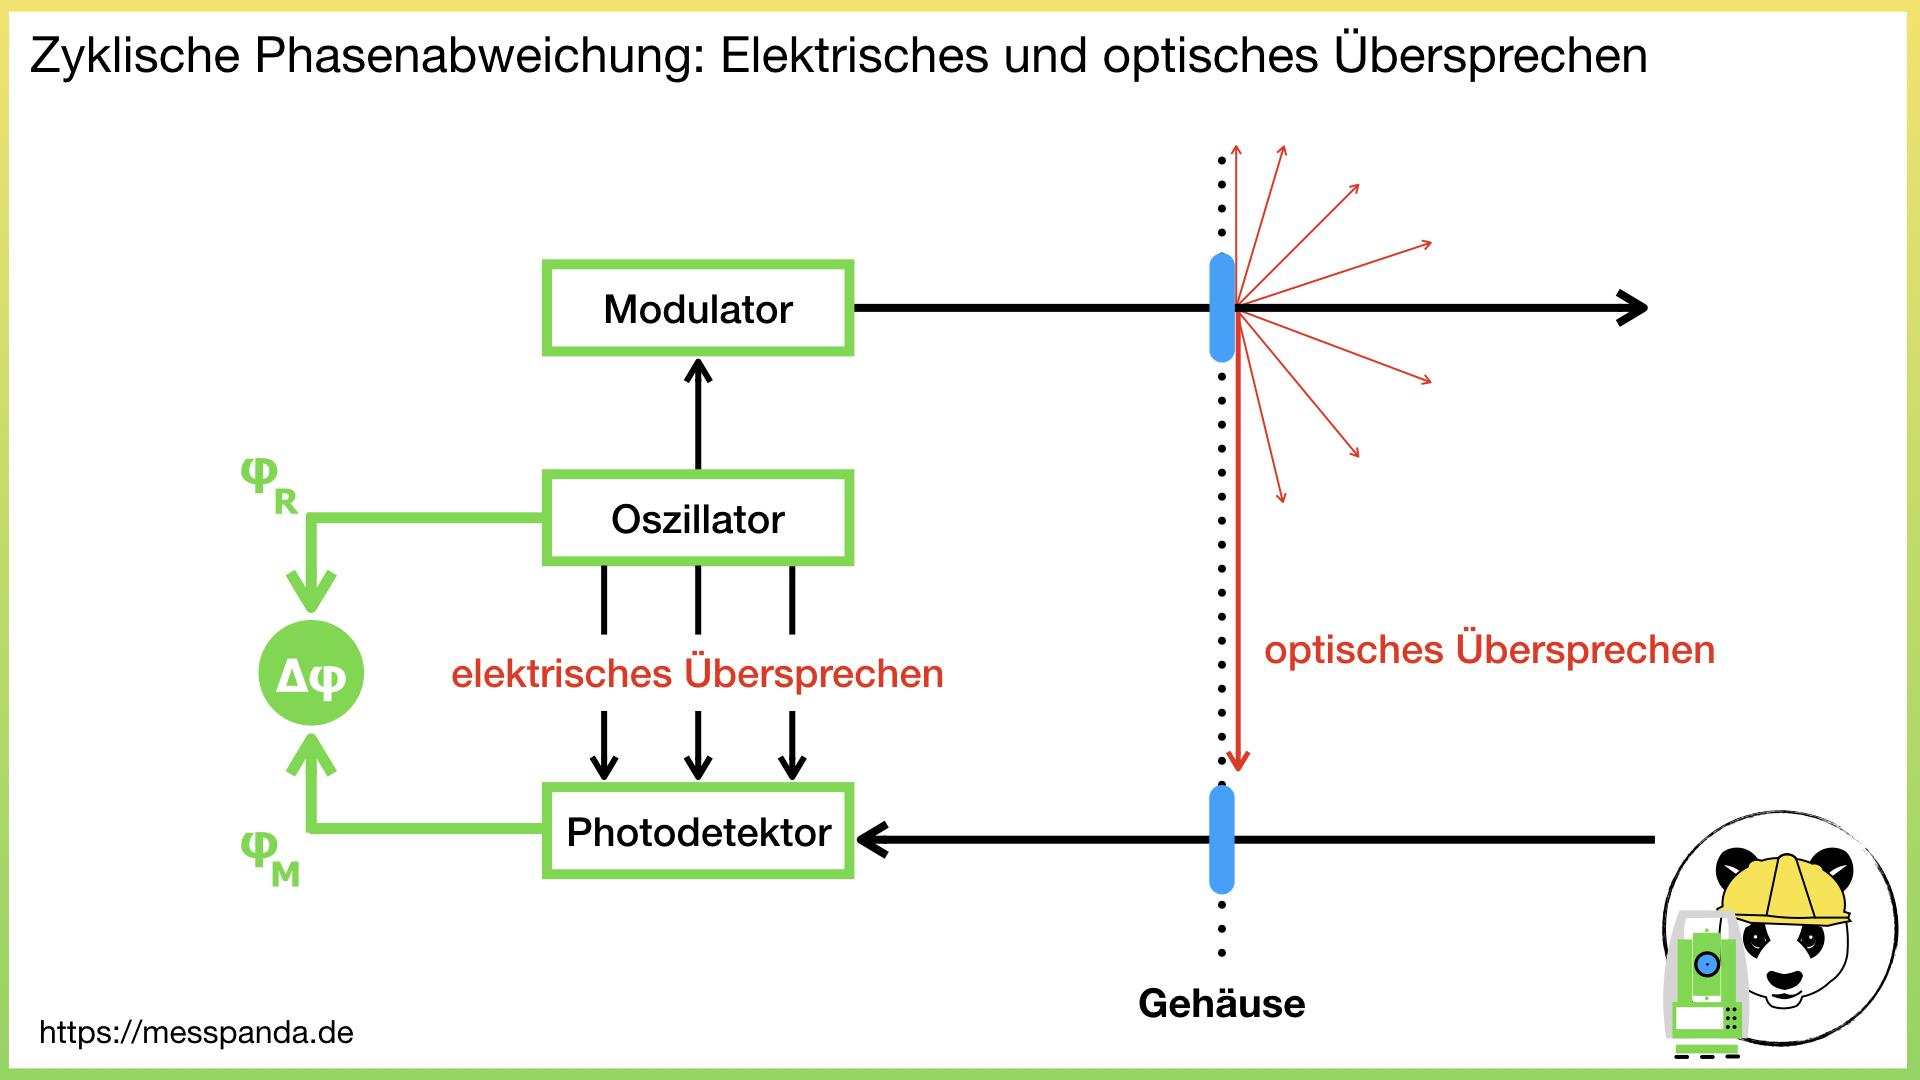 Image for Wie groß ist der Einfluss von zyklischen Phasenabweichungen bei Tachymetern?